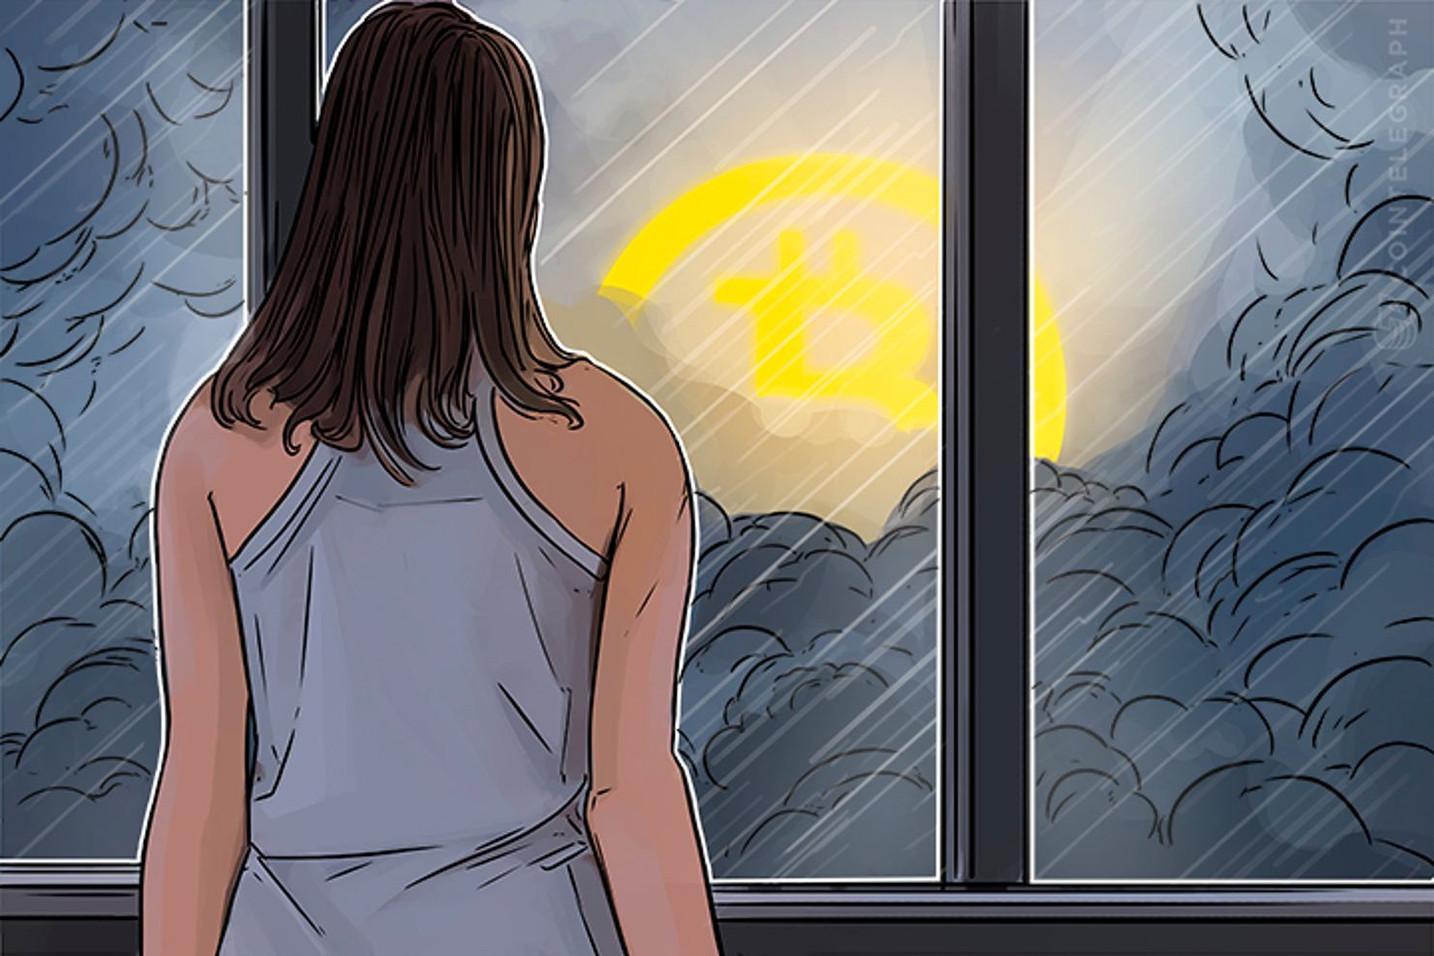 資金調達は「雨の日のため」仮想通貨取引所コインベース幹部/ 日本には「かなり強気」